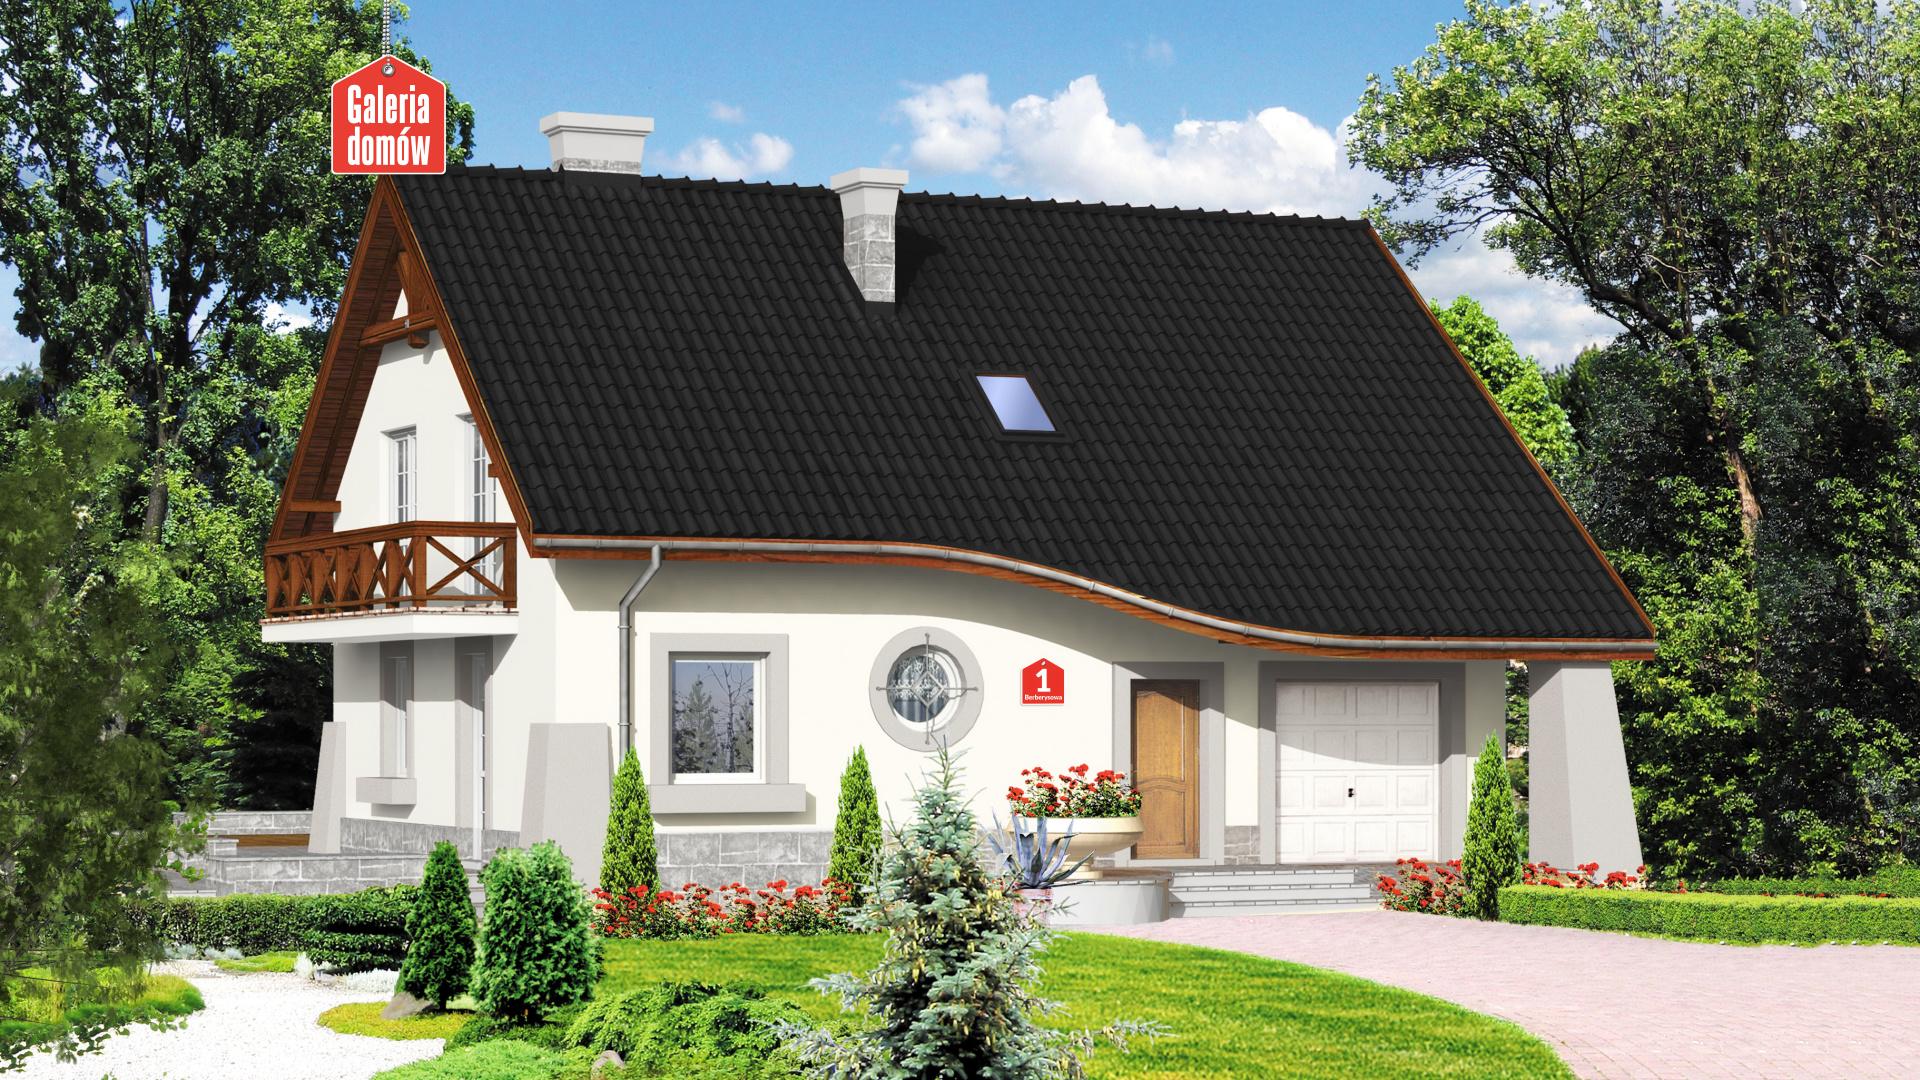 Dom przy Berberysowej - zdjęcie projektu i wizualizacja